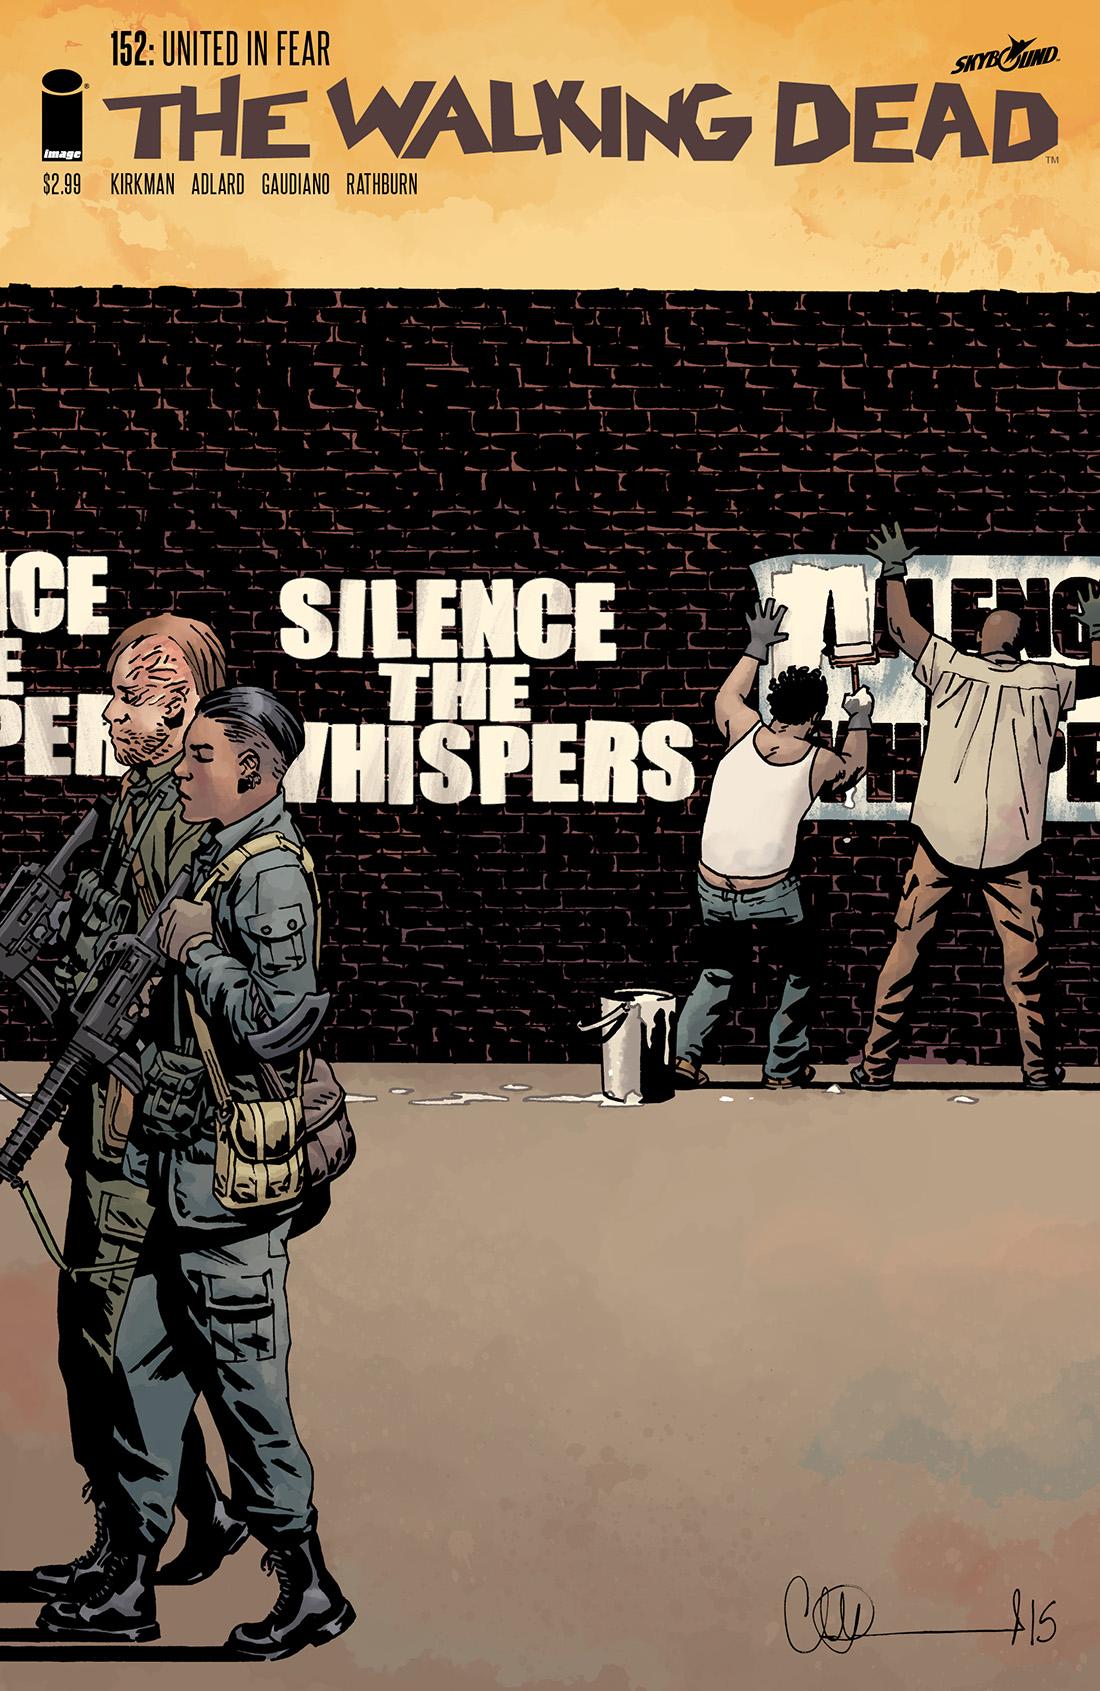 The Walking Dead #152